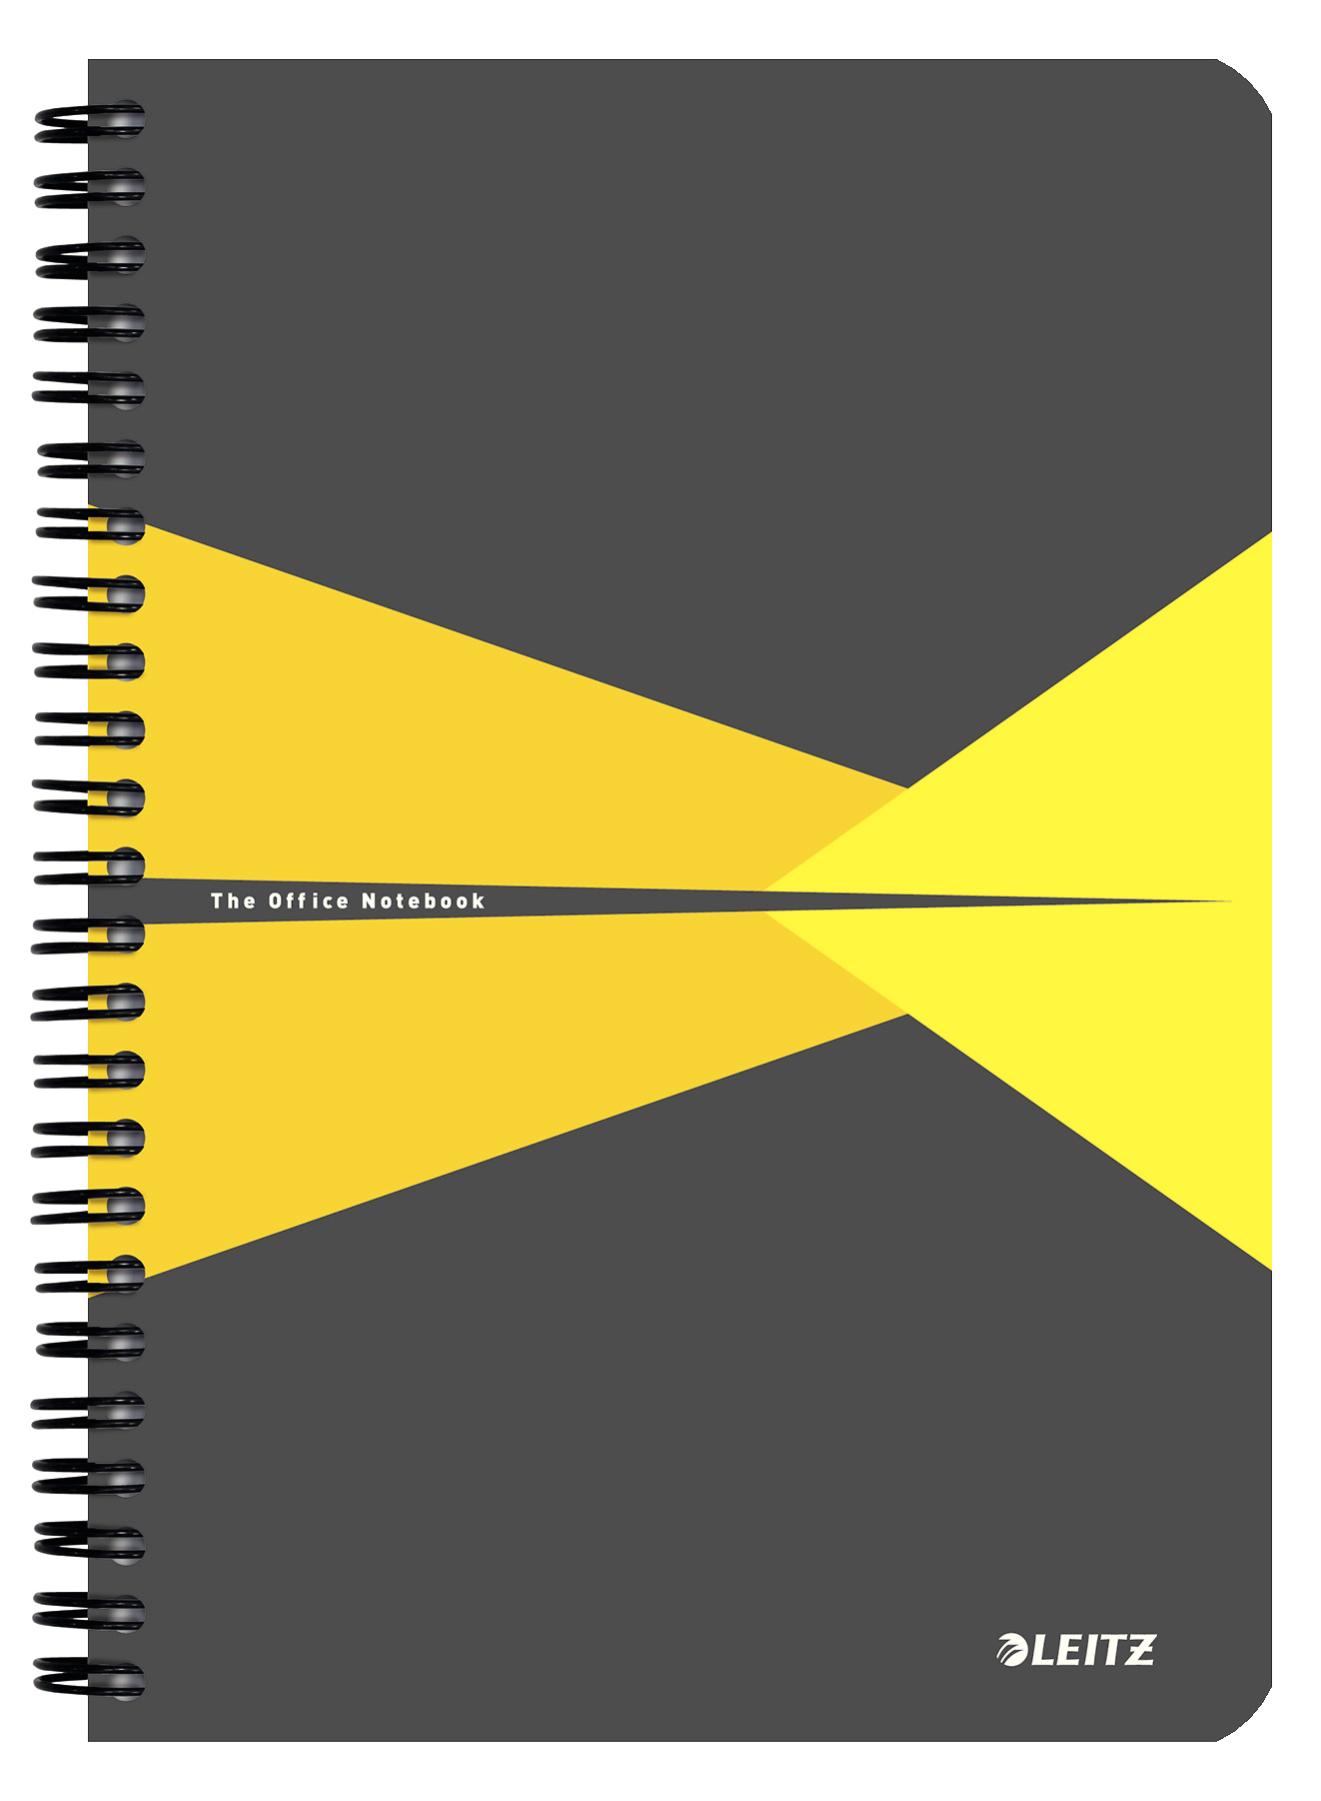 Caiet de birou LEITZ Office, carton, A5, cu spira, matematica - galben